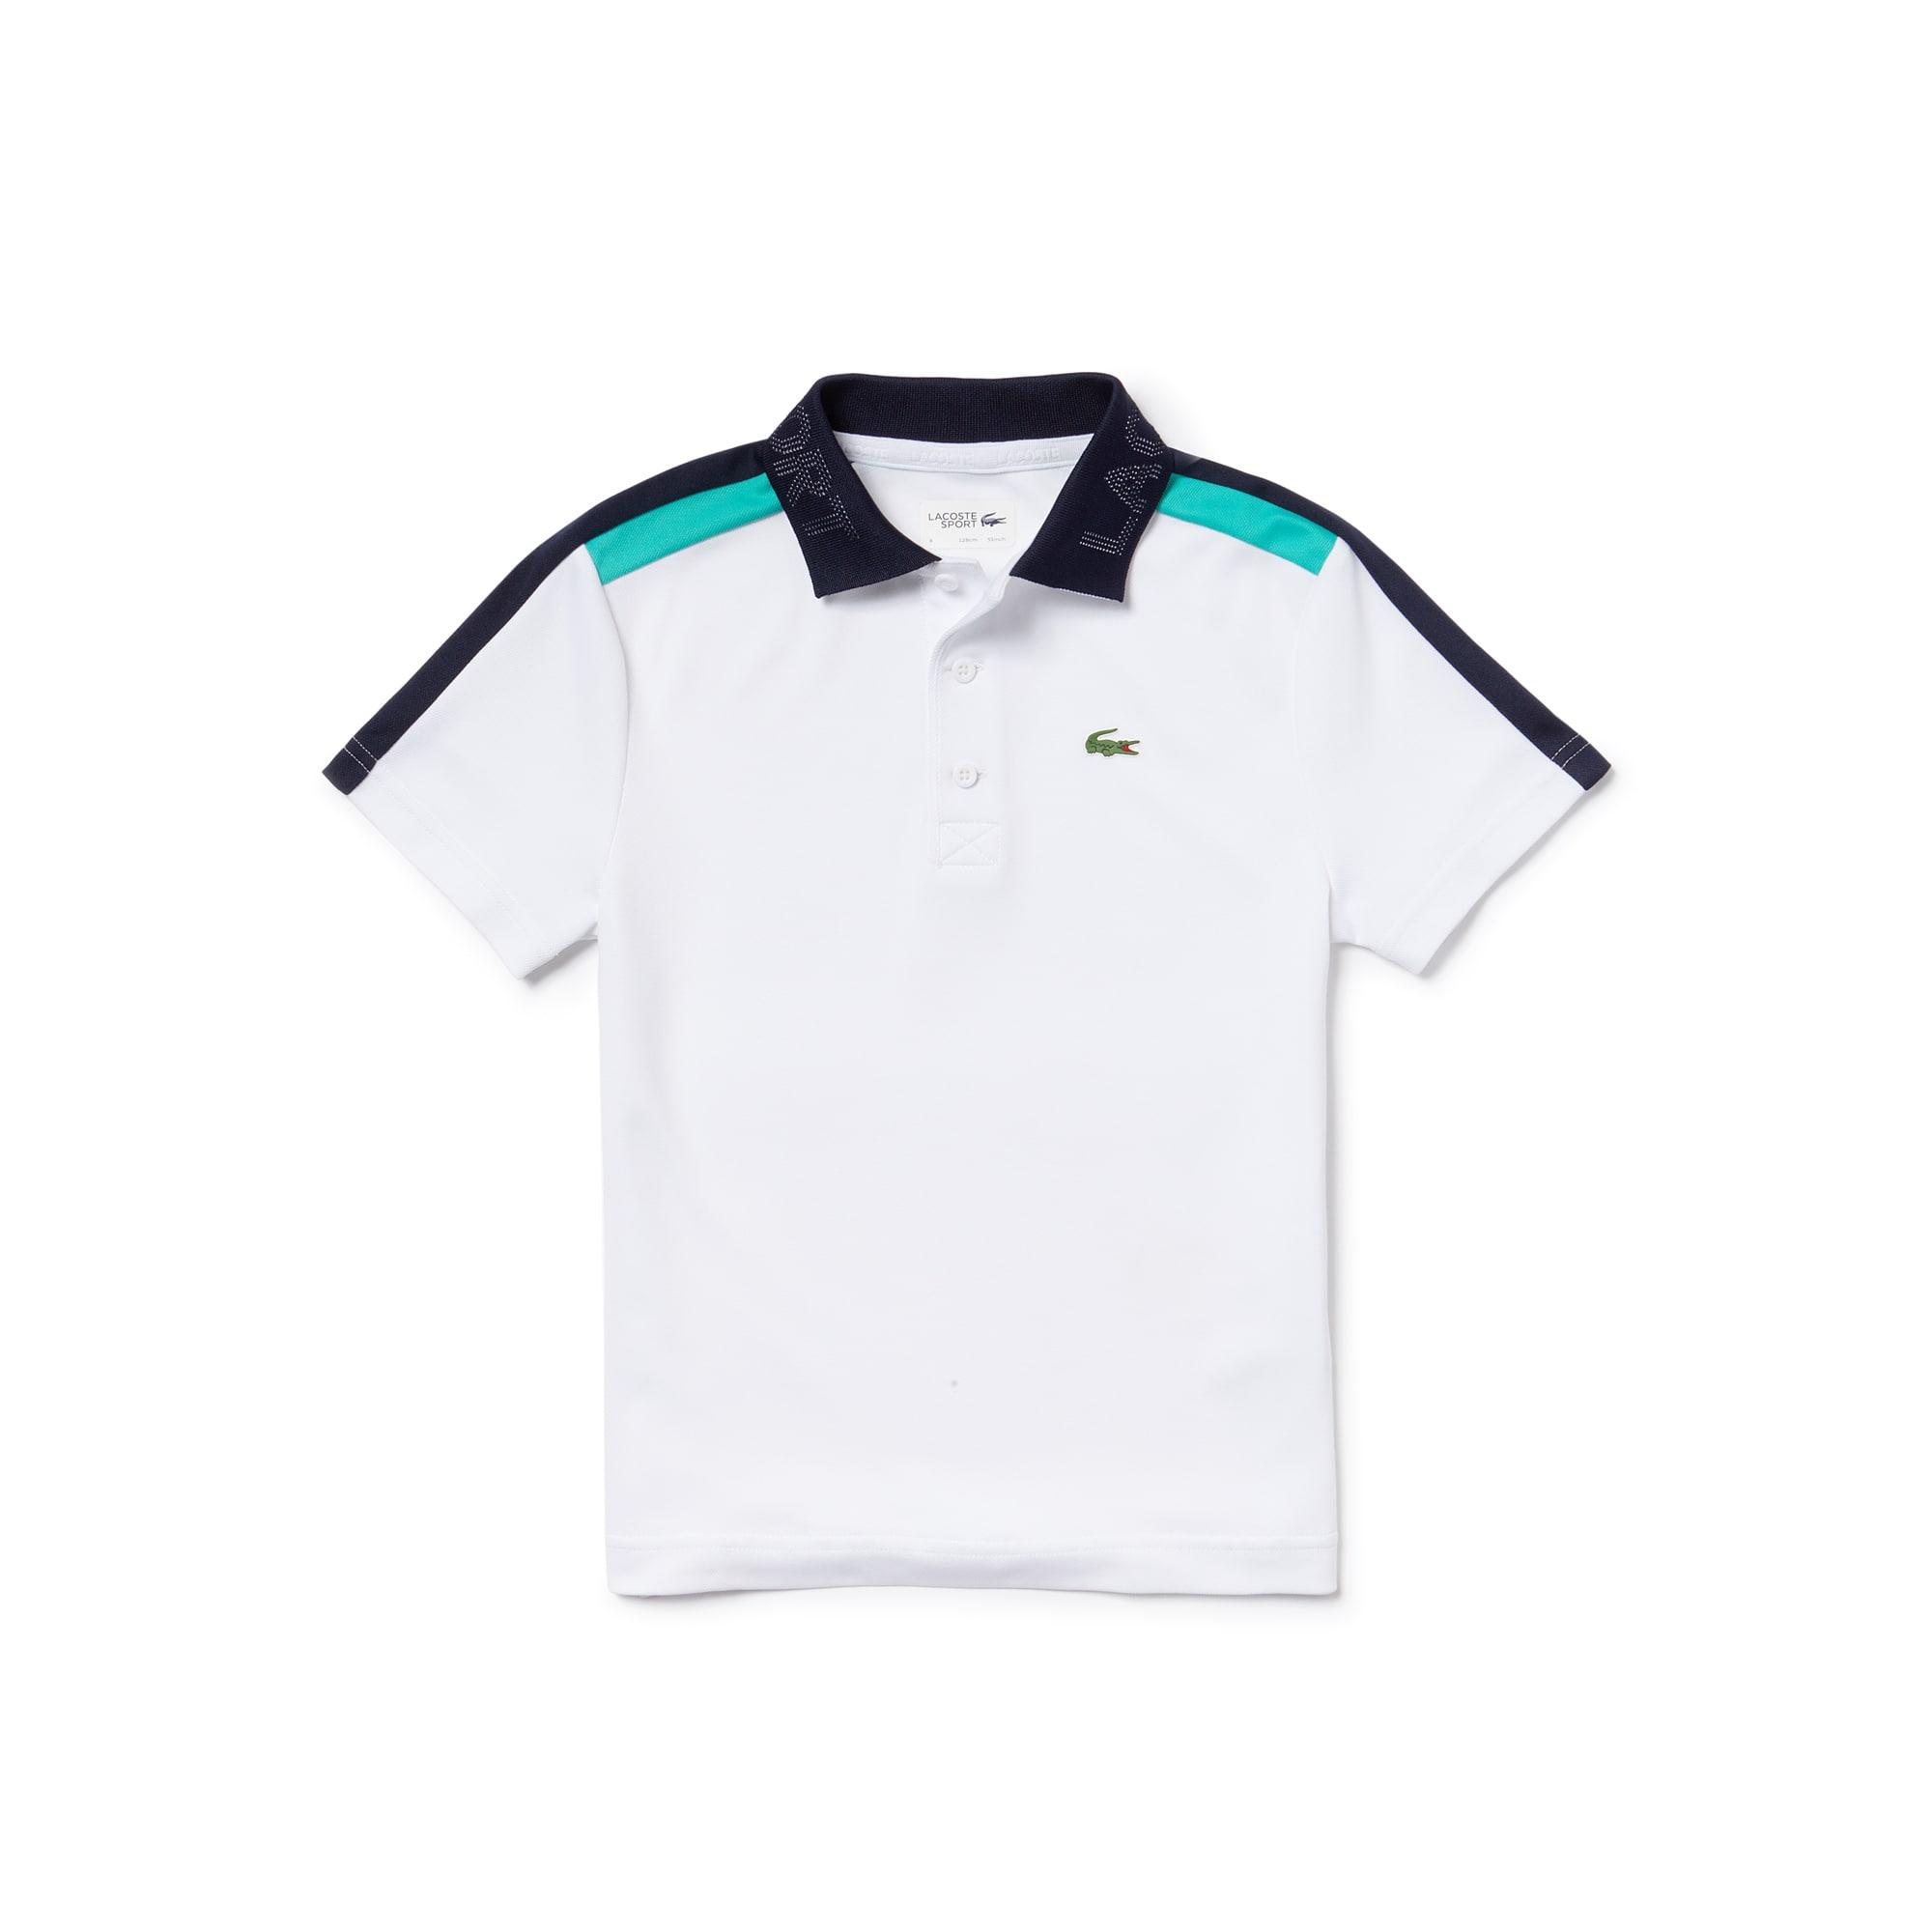 Polo Bambino Tennis Lacoste SPORT in piqué tecnico con fasce a contrasto